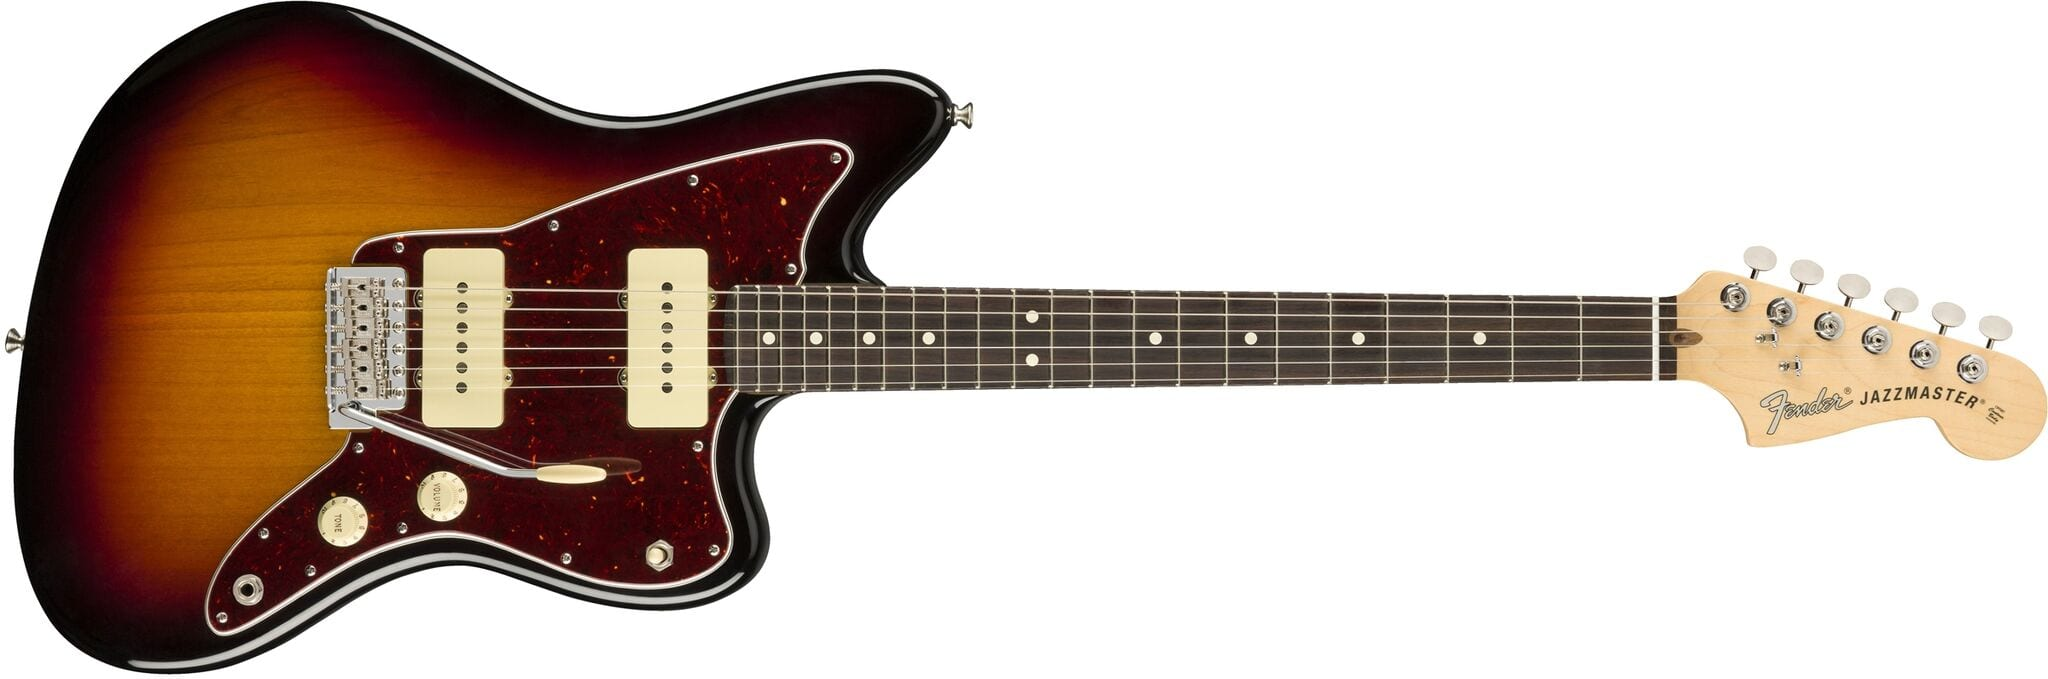 Fender American Performer Series Jazzmaster